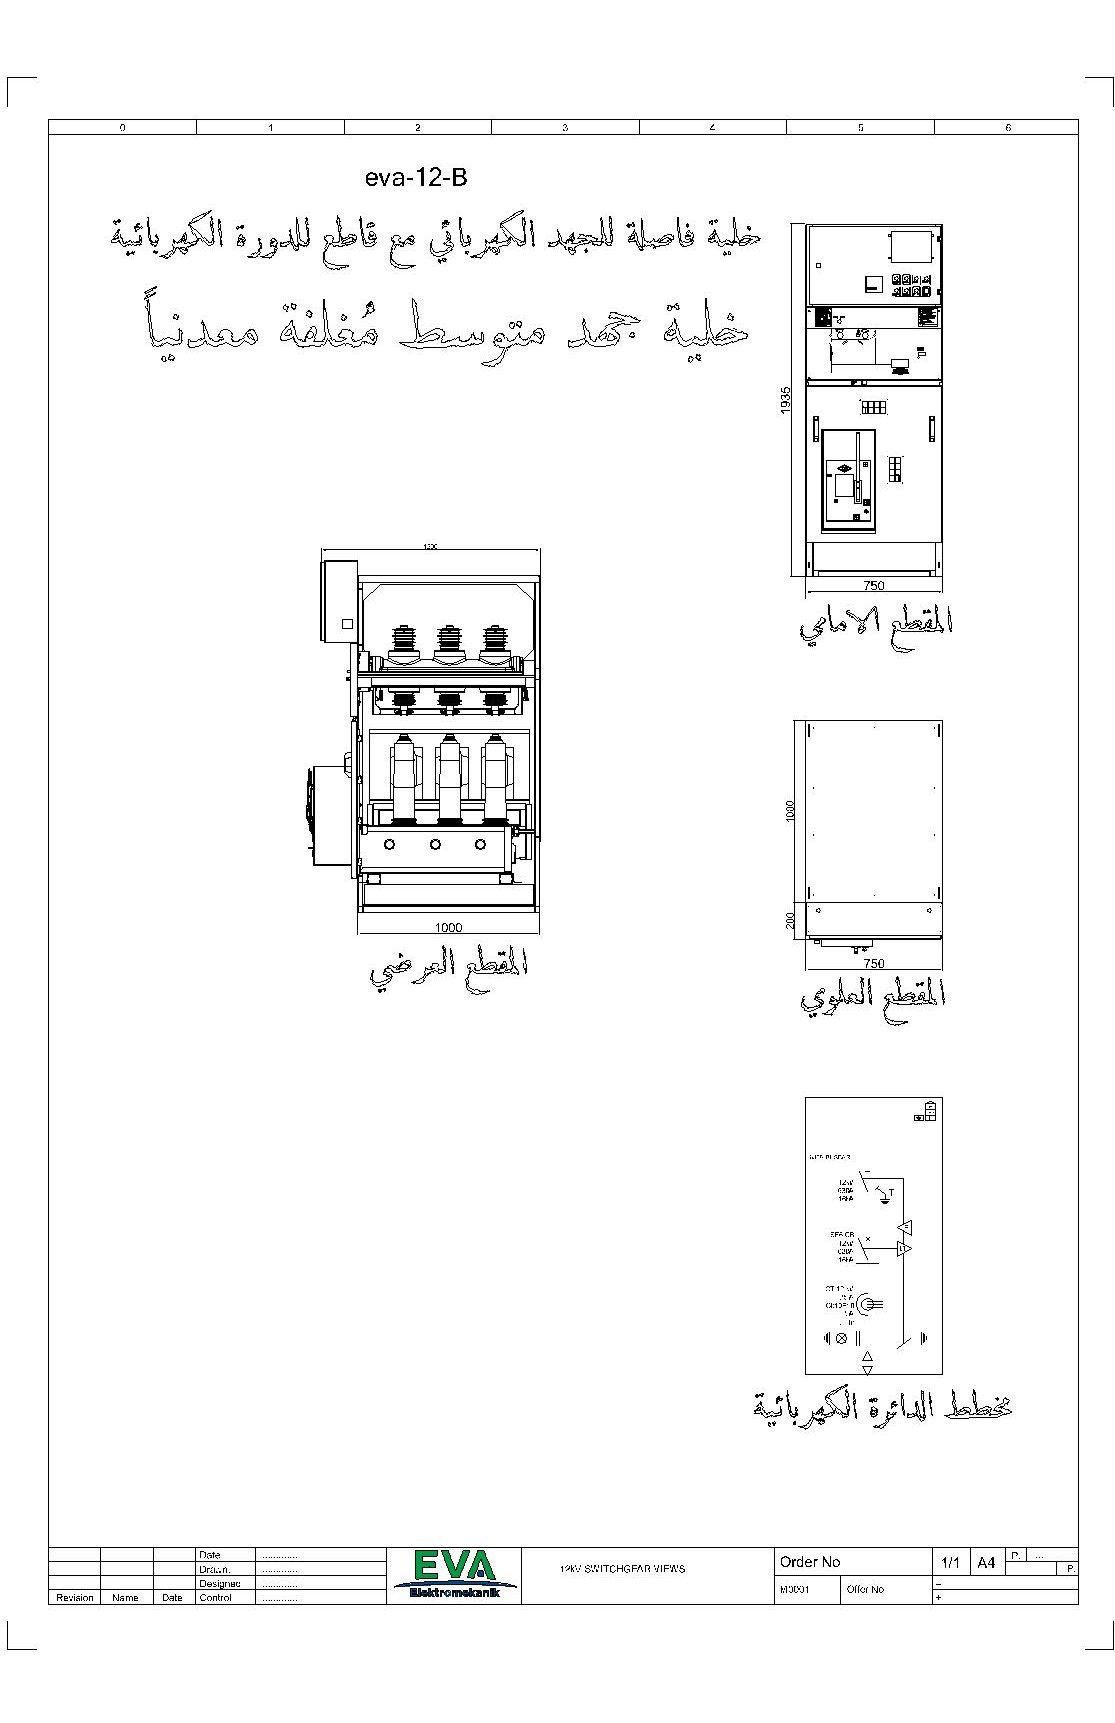 خلية فاصلة للجهد الكهربائي مع قاطع للدورة الكهربائية